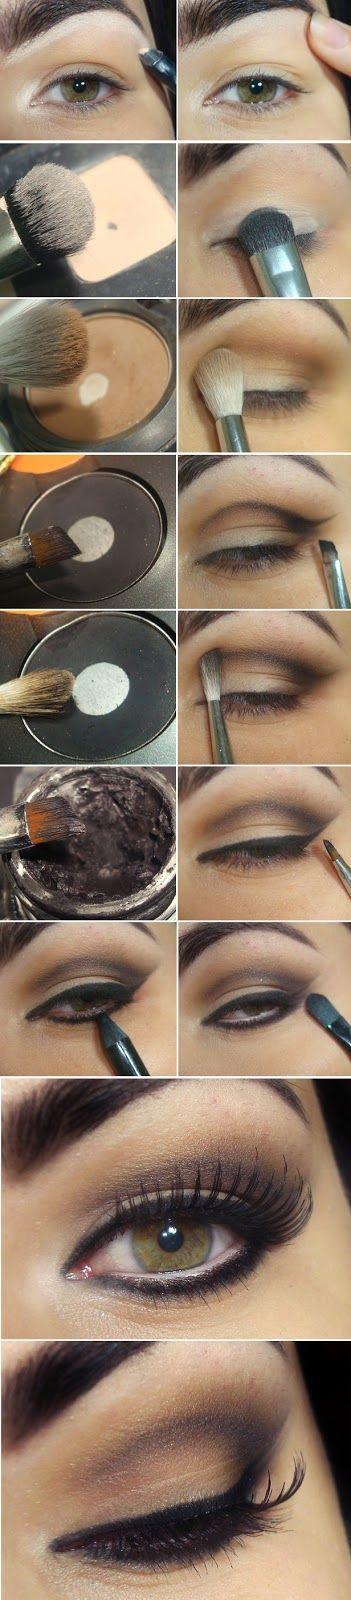 Makeup Tricks : Photo